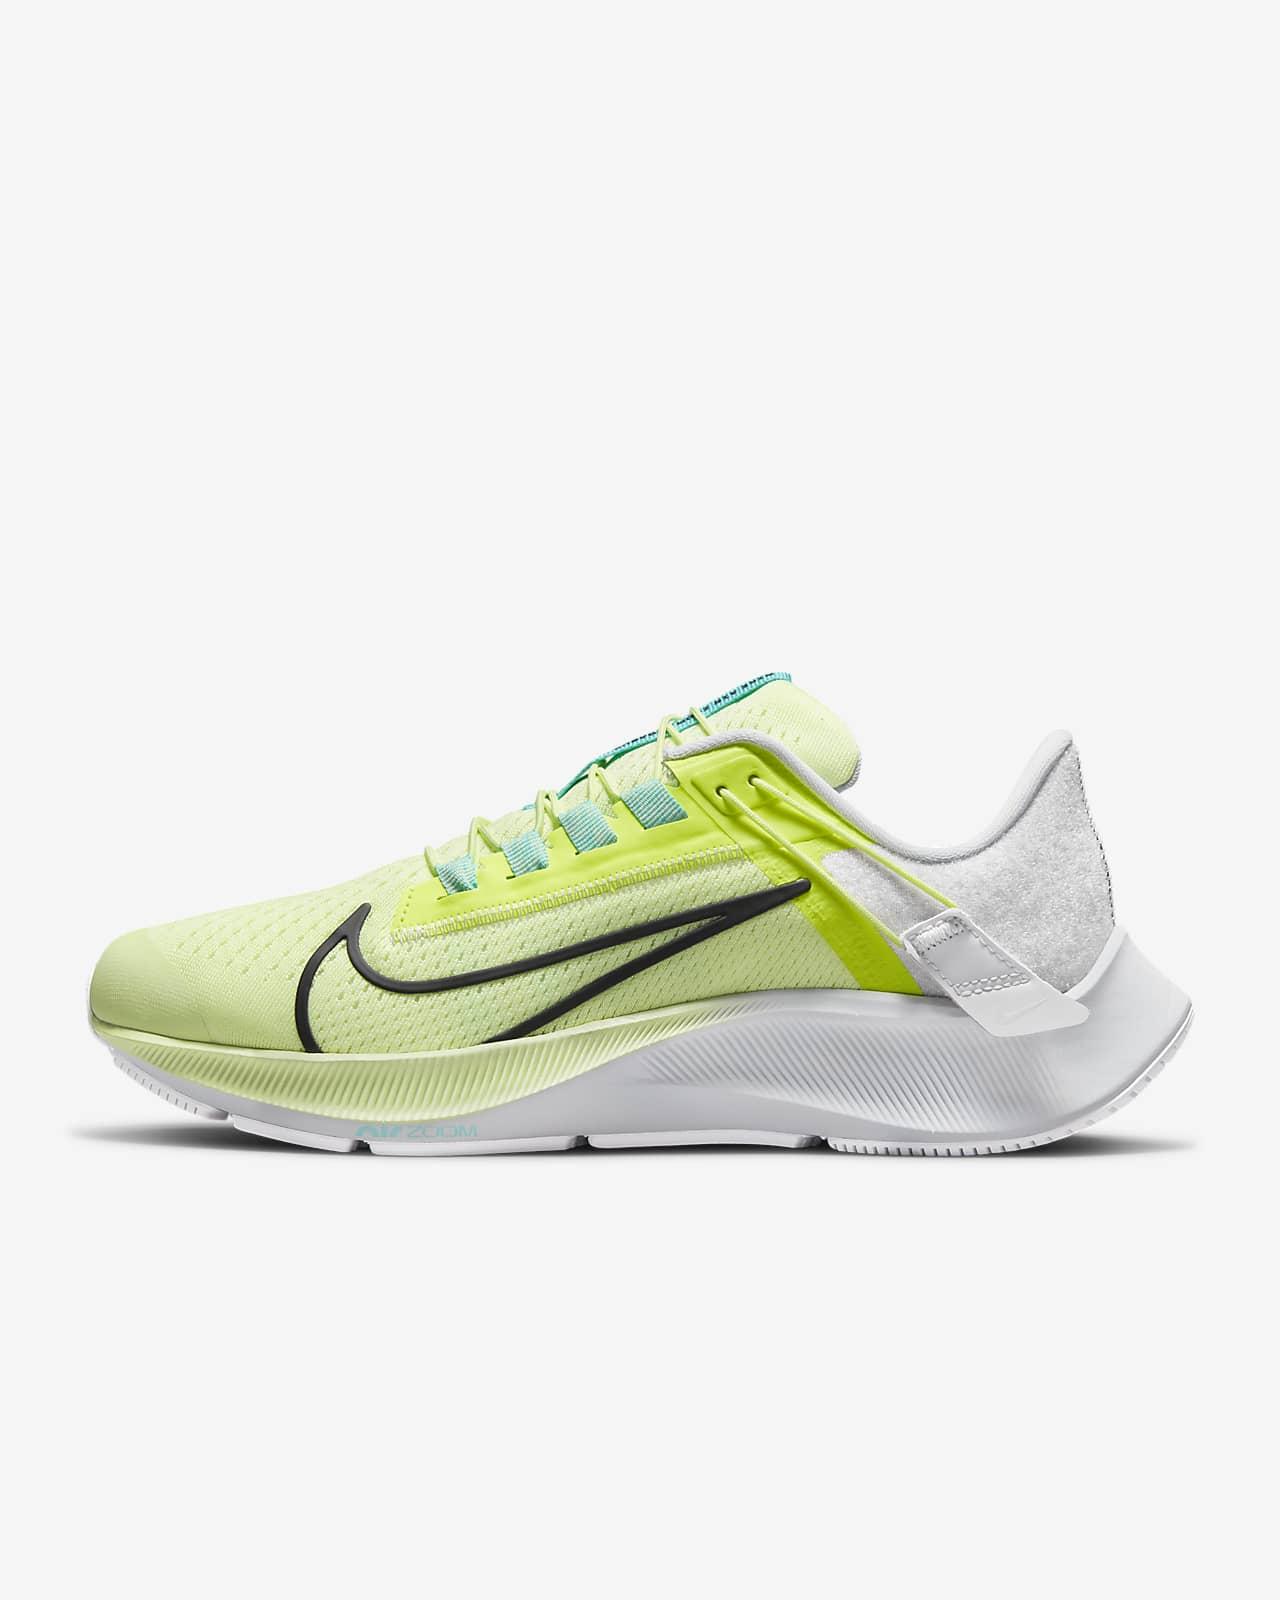 Damskie buty do biegania po asfalcie z systemem łatwego wkładania i zdejmowania Nike Air Zoom Pegasus 38 FlyEase